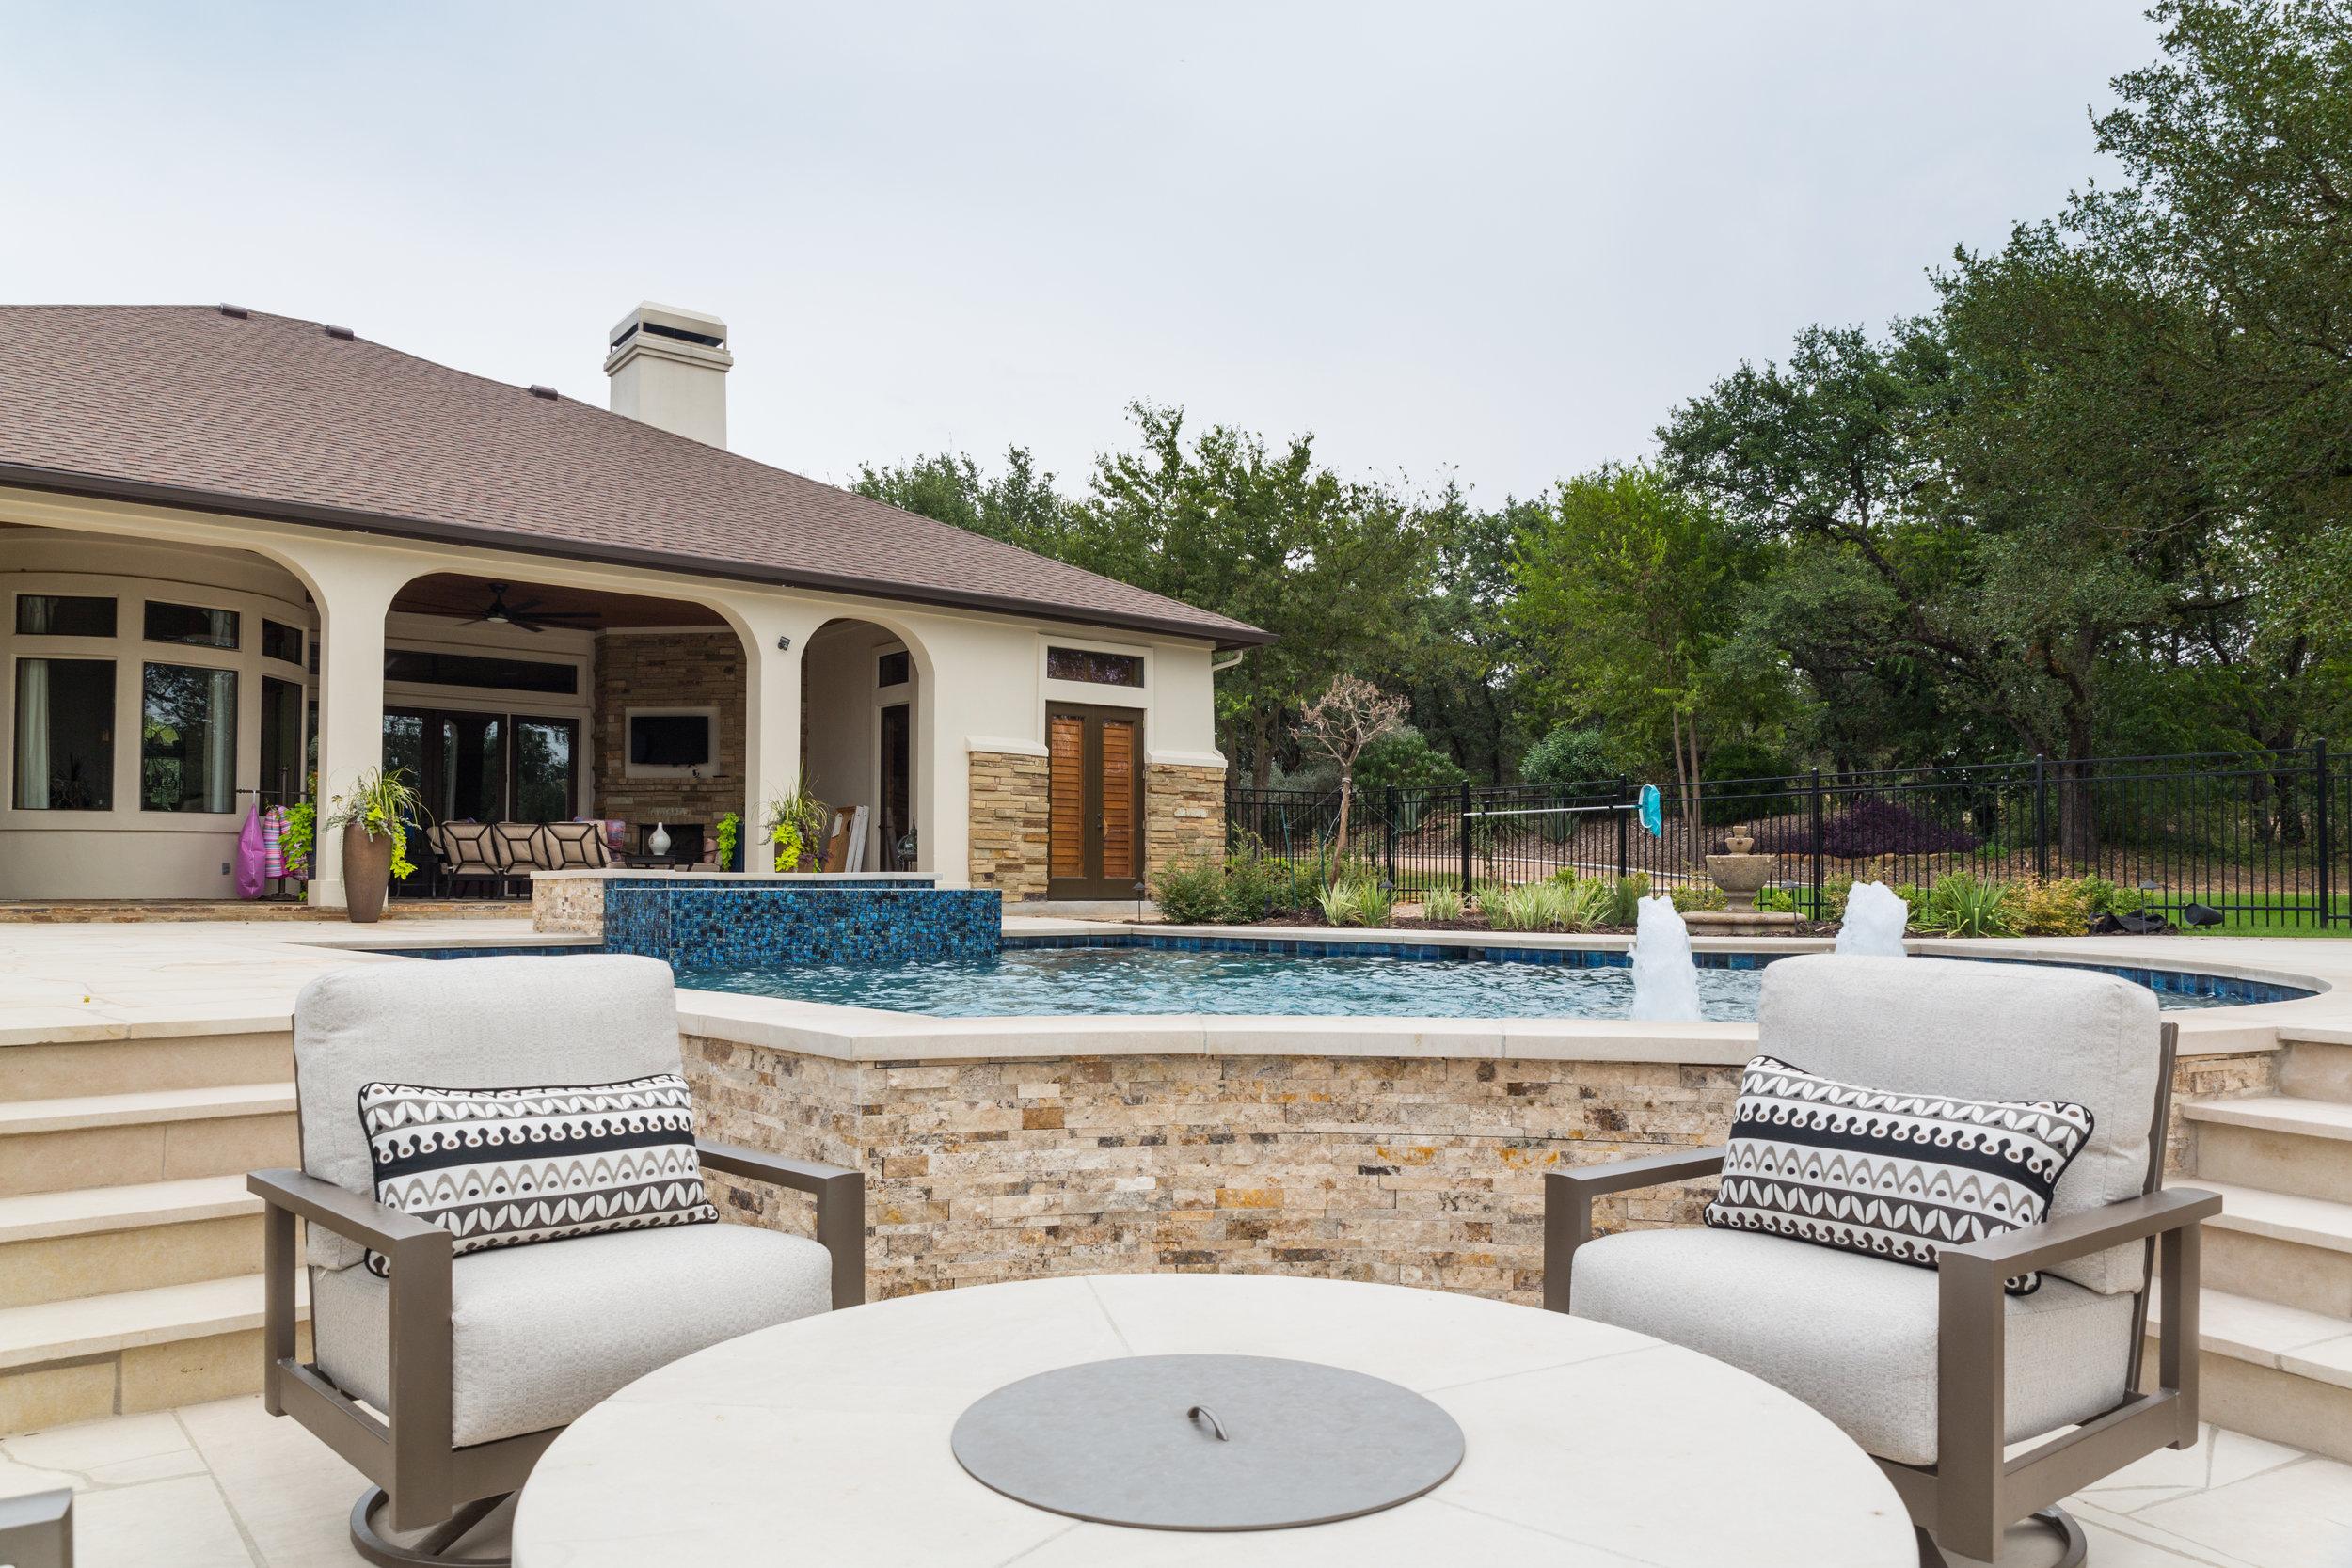 Backyard Pool and Seating Area